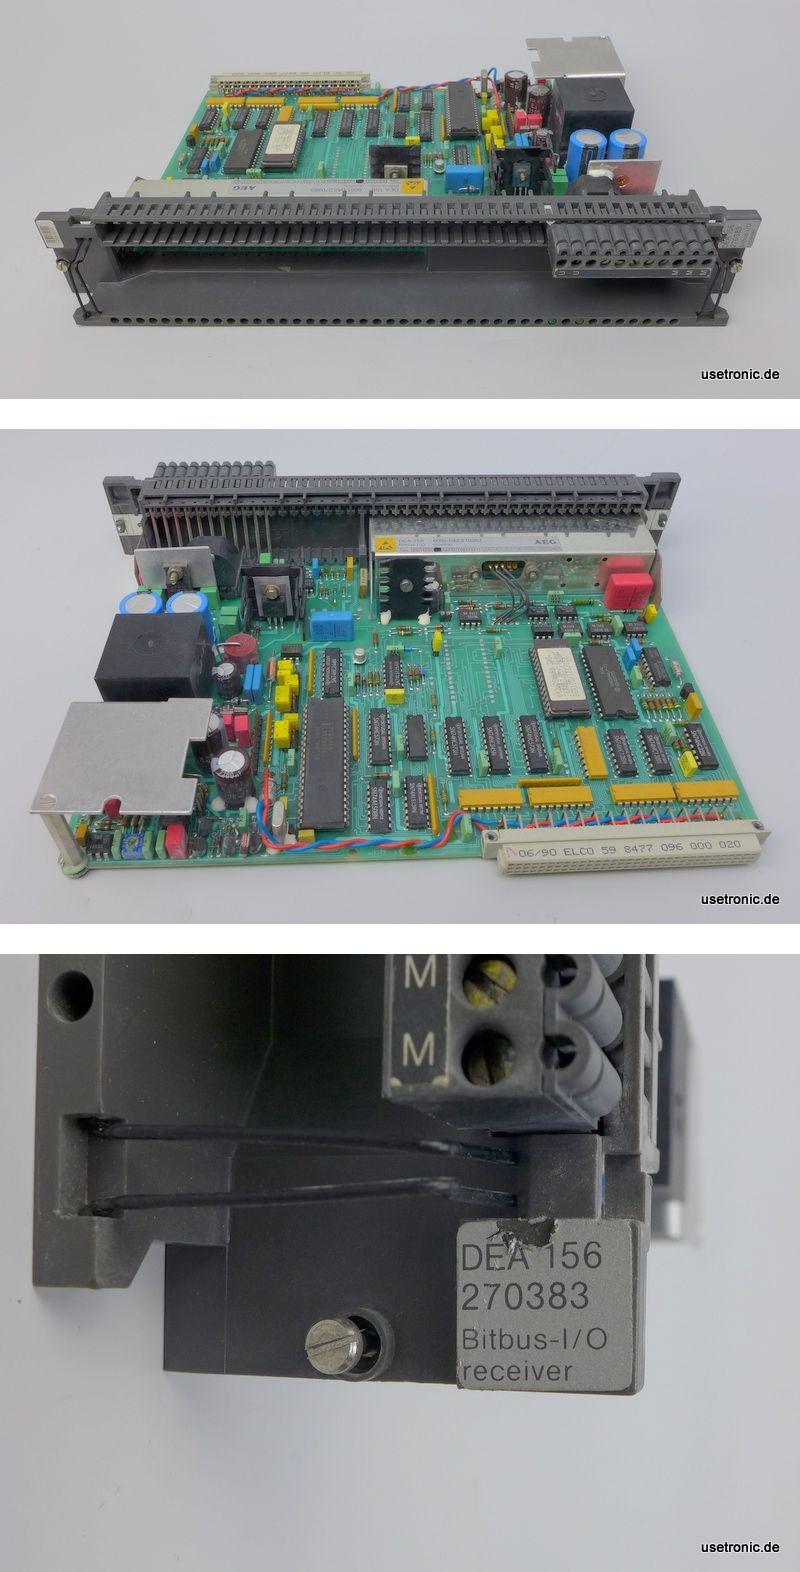 AEG Modicon DEA-156 6051-042.270383